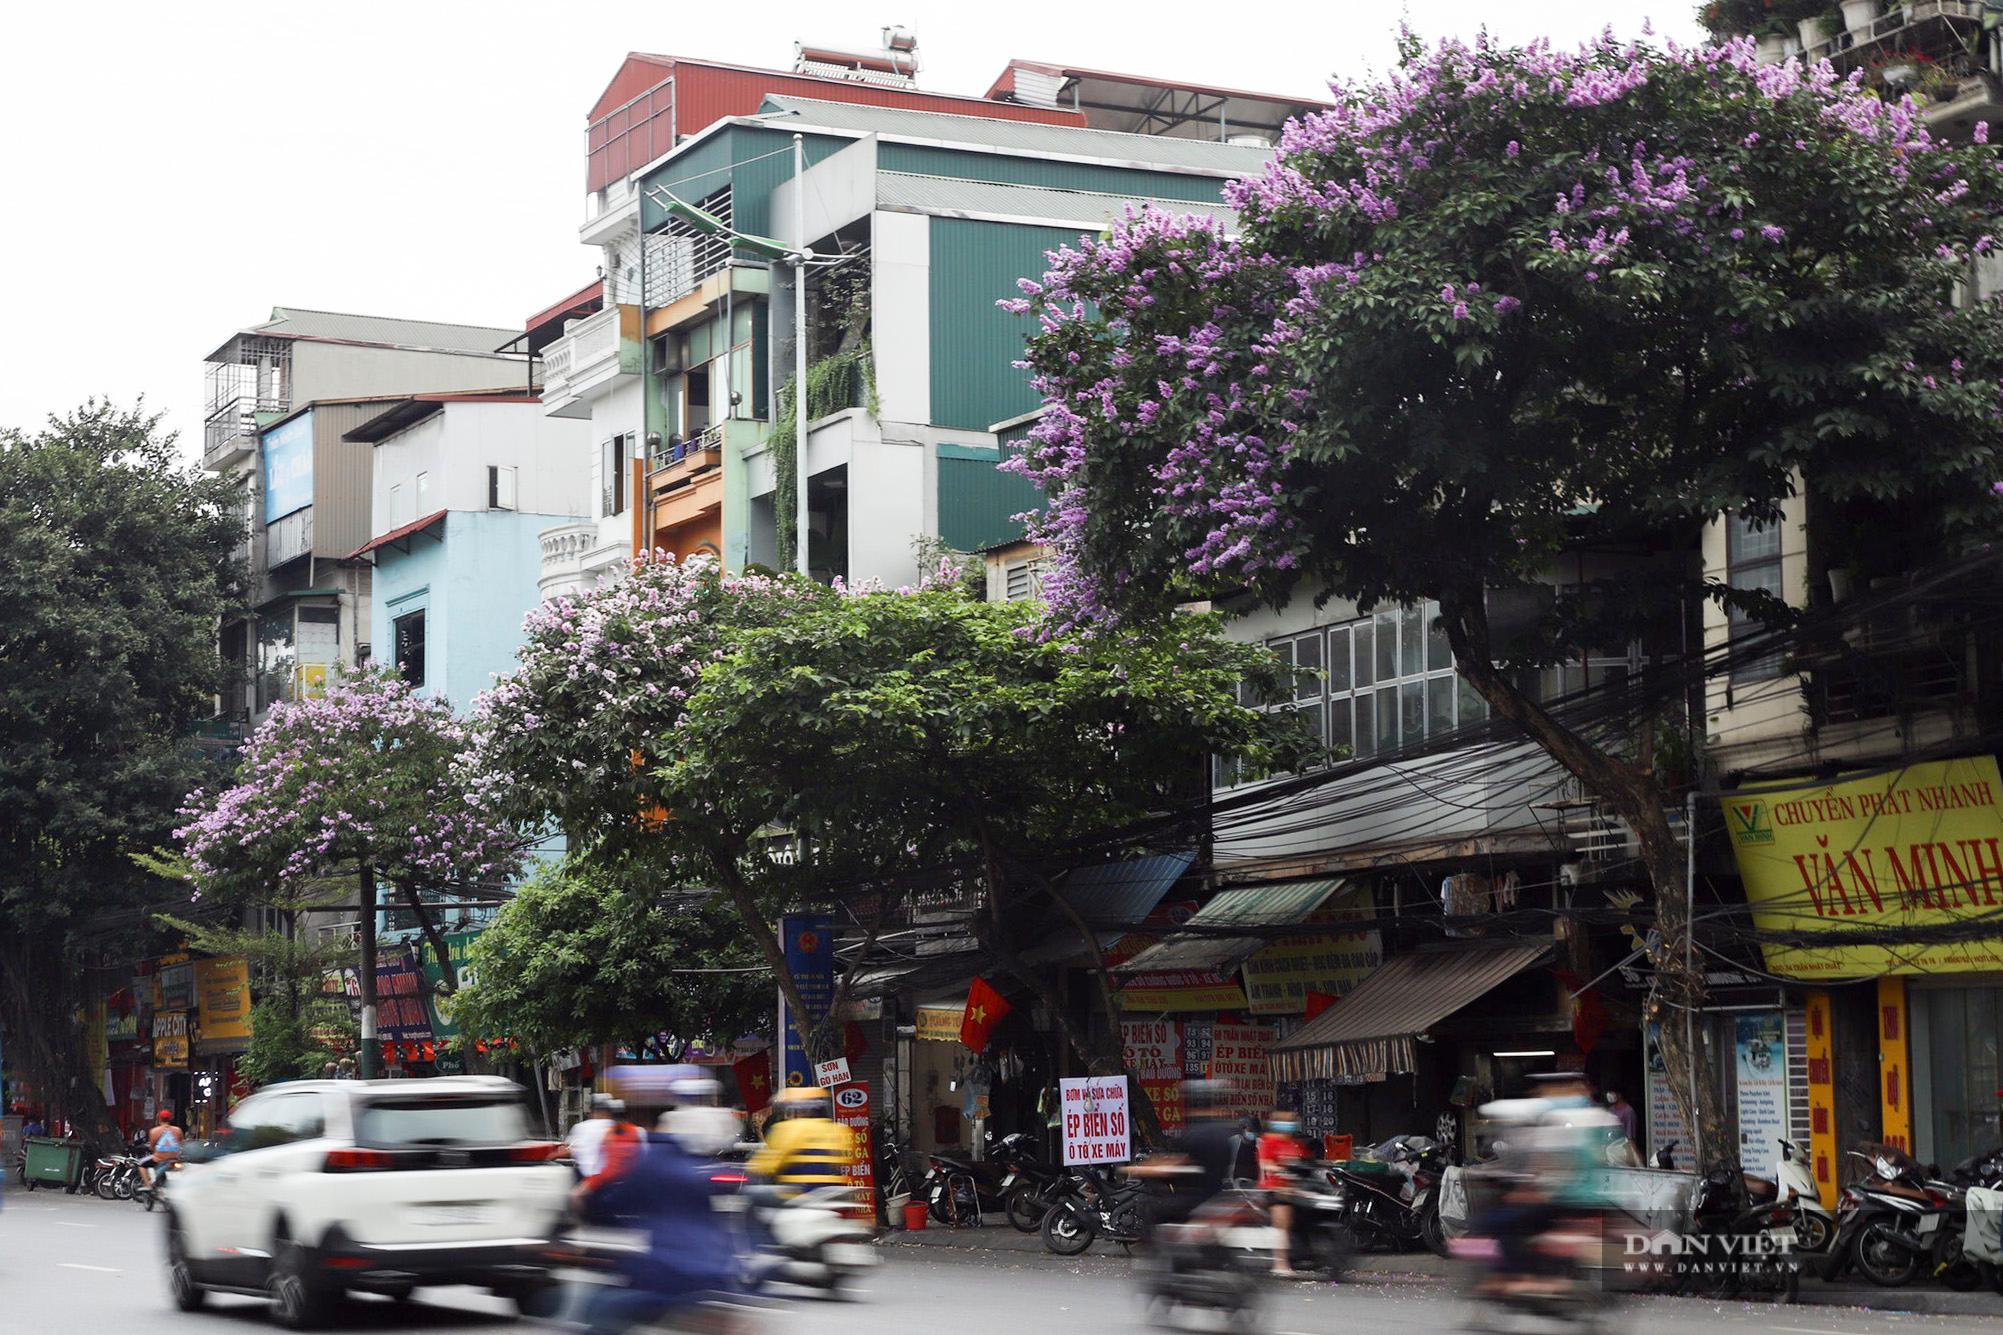 Hoa bằng lăng: loài hoa biểu tượng của sự thủy chung nở rộ khắp đường phố Hà Nội - Ảnh 5.